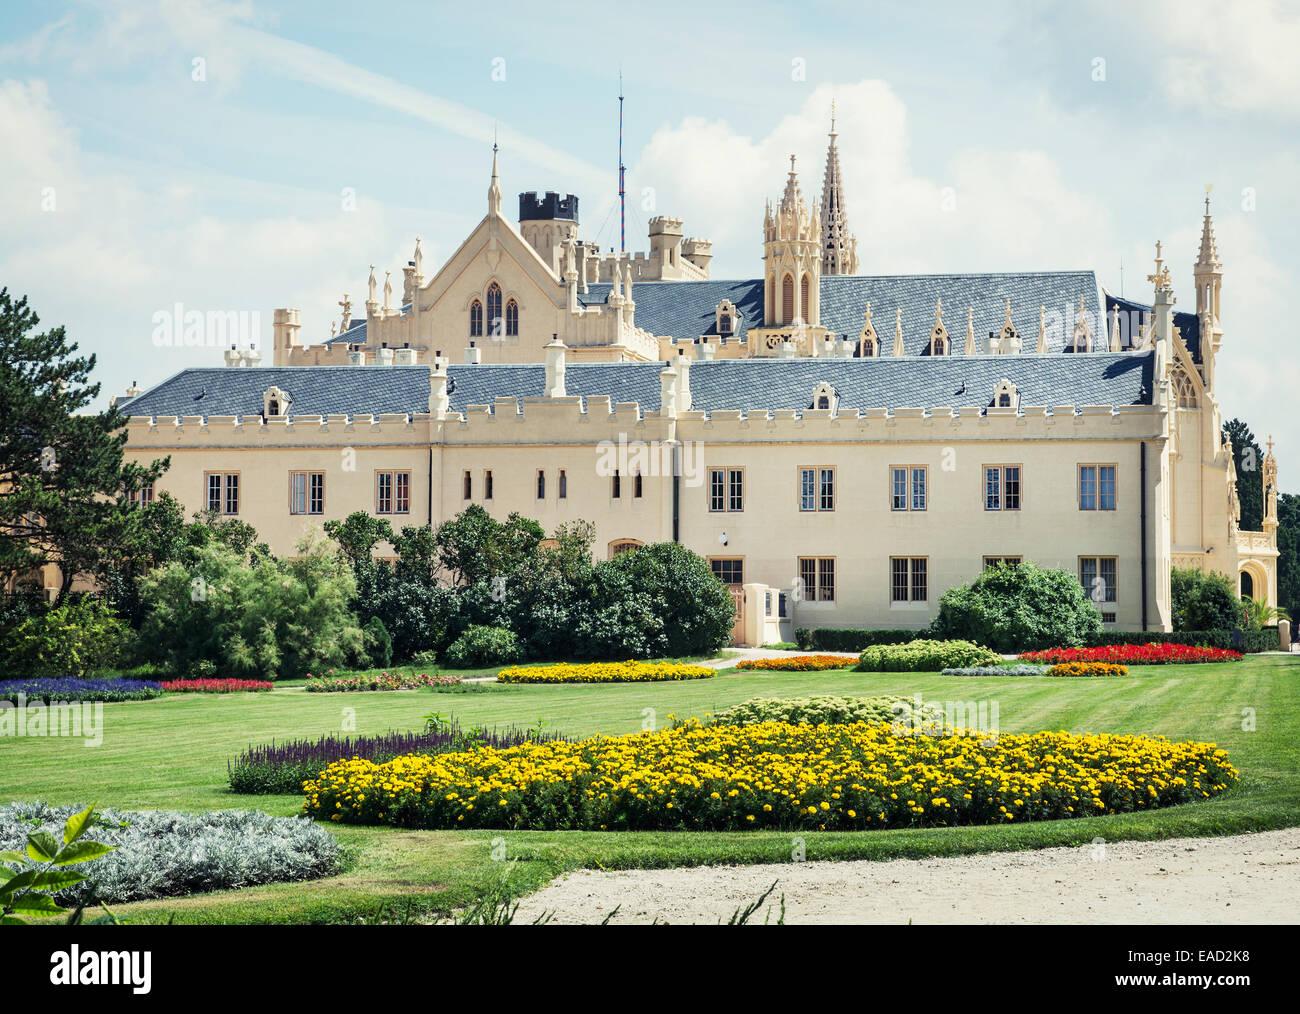 Lednice castle with beautiful gardens Moravia Czech republic